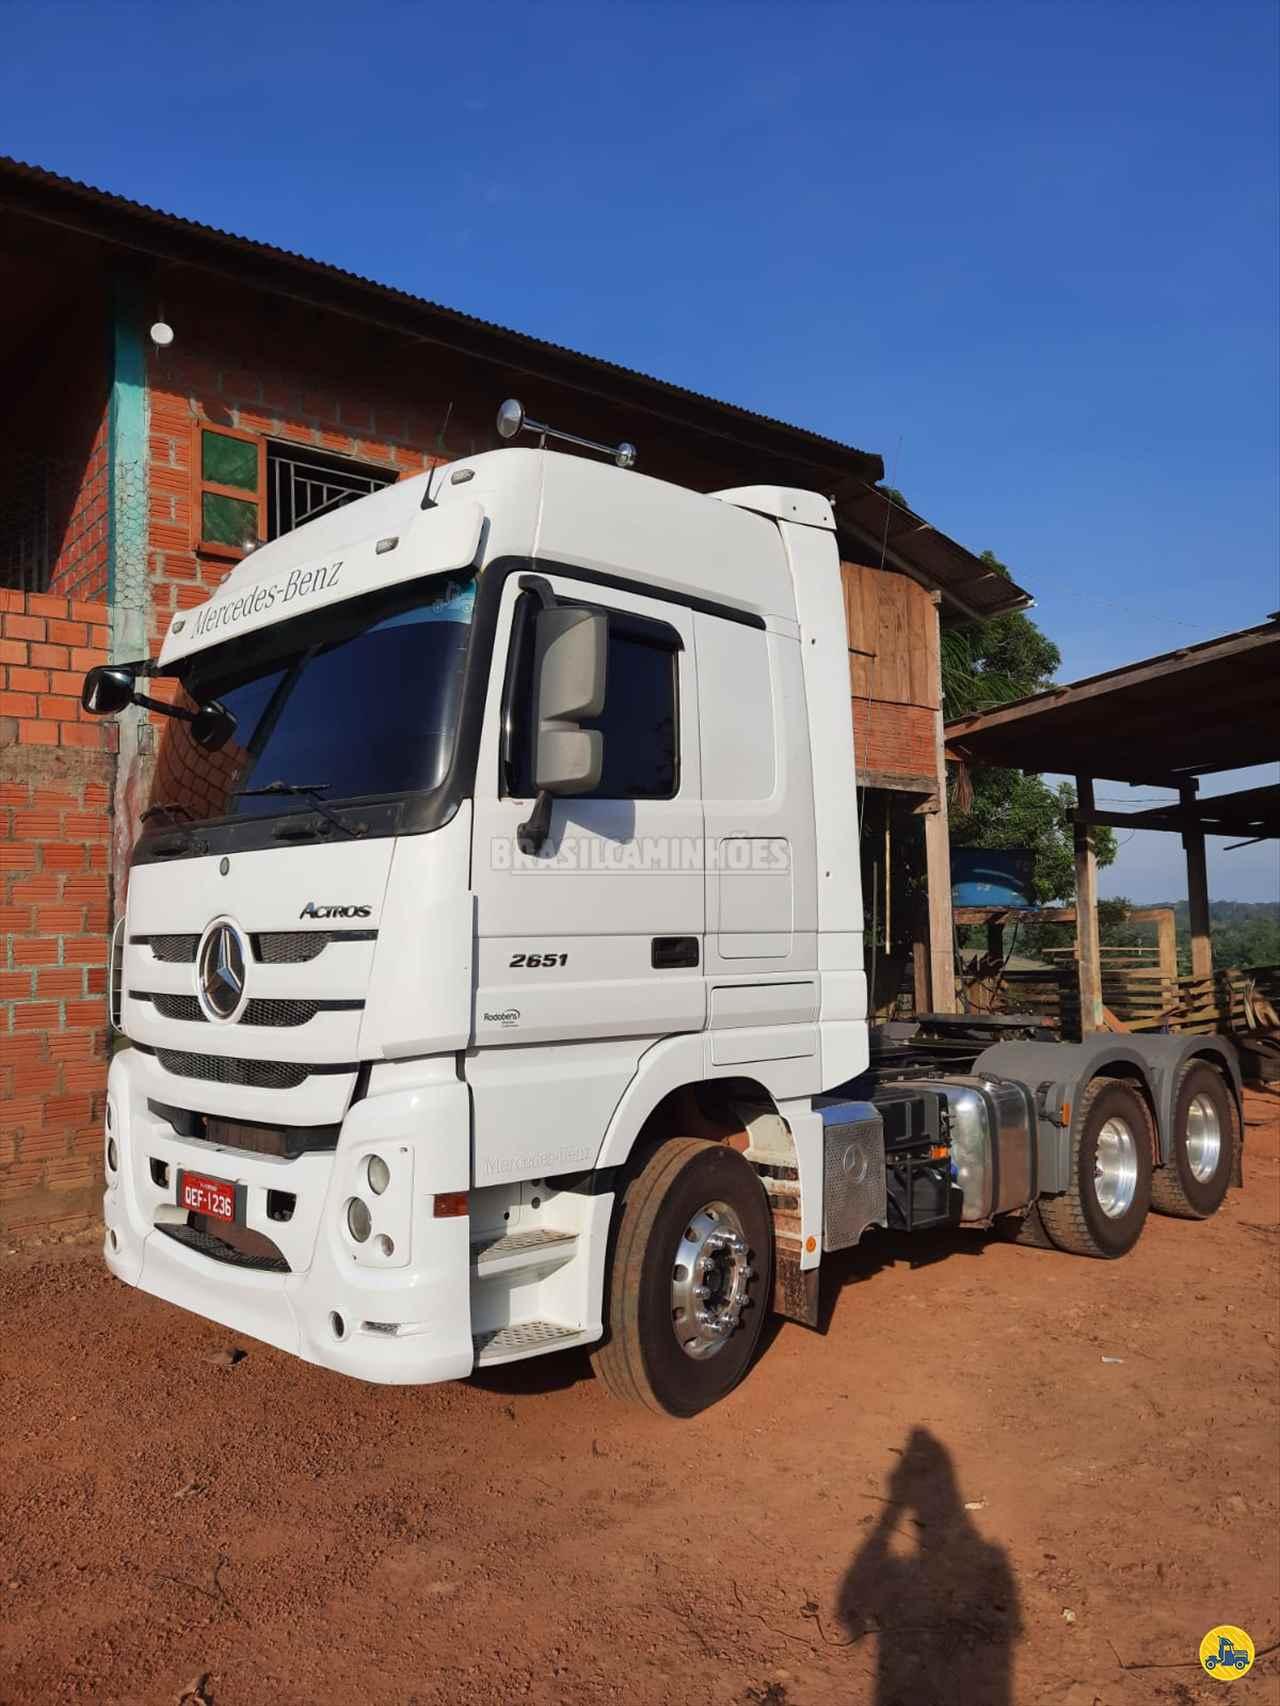 CAMINHAO MERCEDES-BENZ MB 2651 Graneleiro Traçado 6x4 Brasil Caminhões Sinop SINOP MATO GROSSO MT